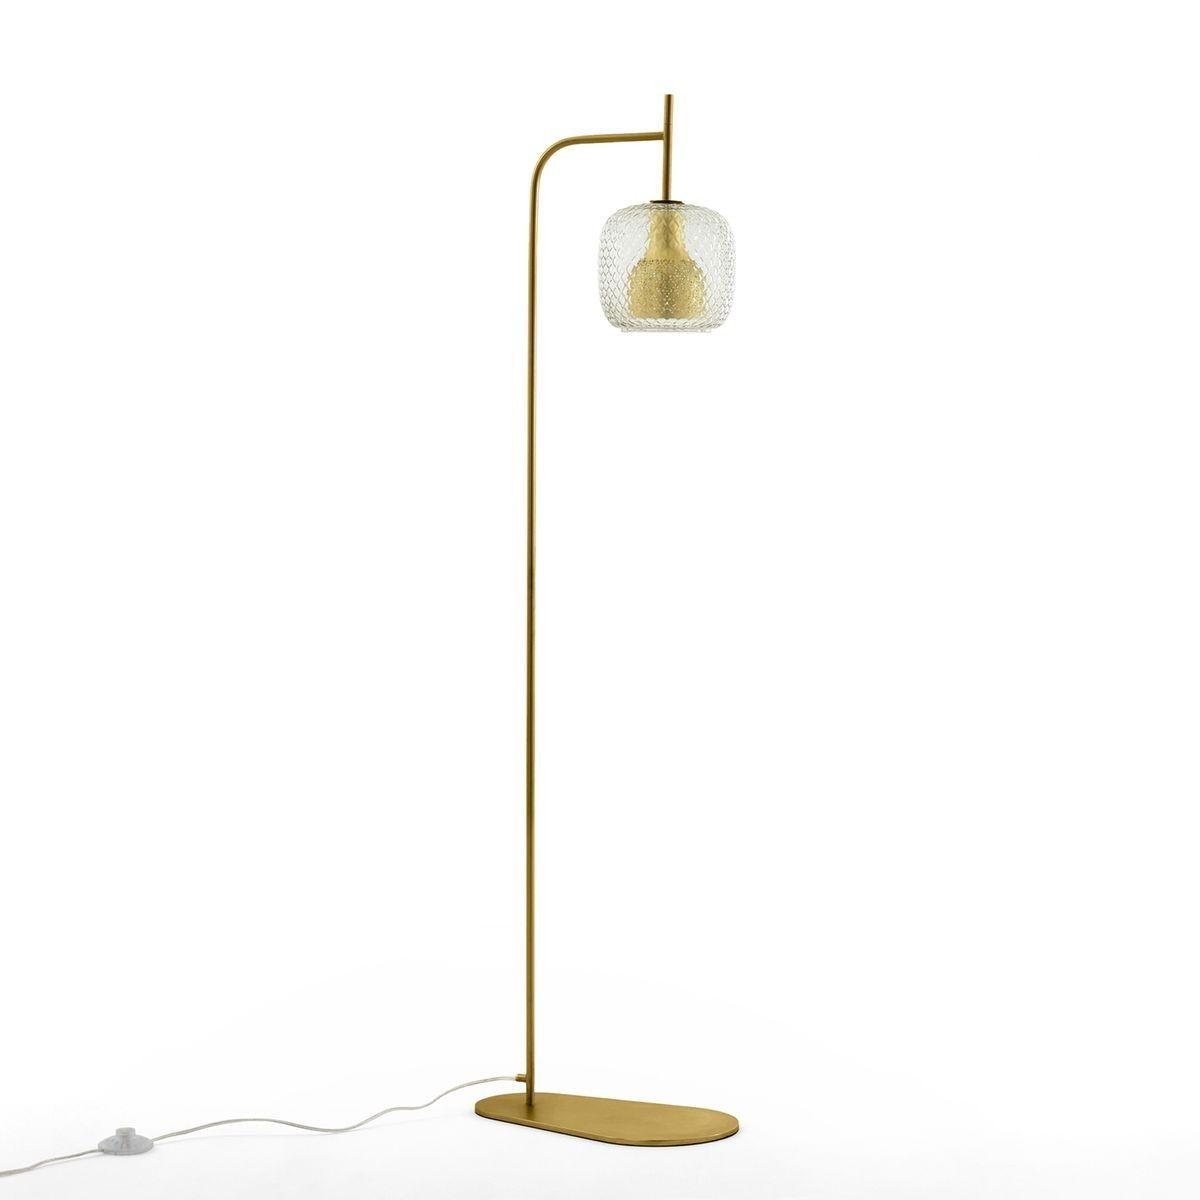 Pied De Lampe Am Pm liseuse, mistinguett   liseuse, lampadaire liseuse et métal